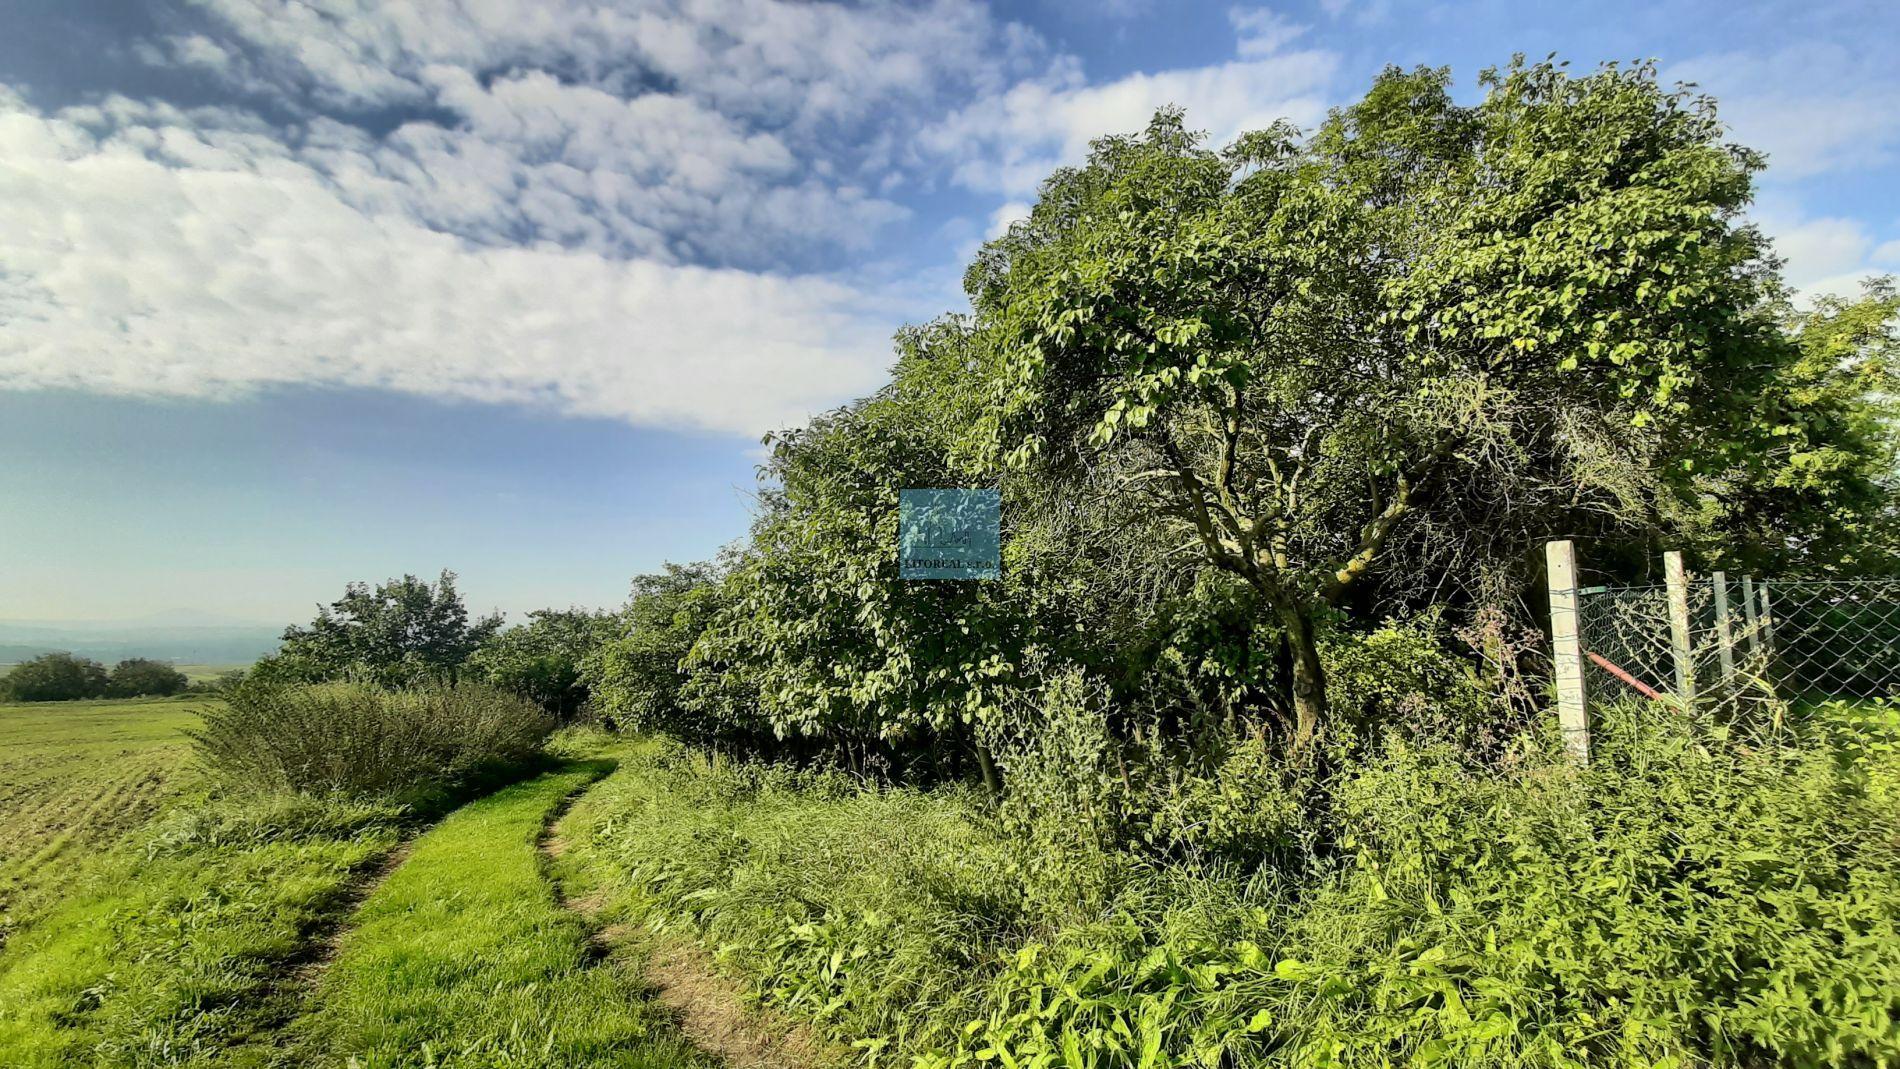 Prodej pozemku 812m2, Polepy, Libínky, Litoměřice